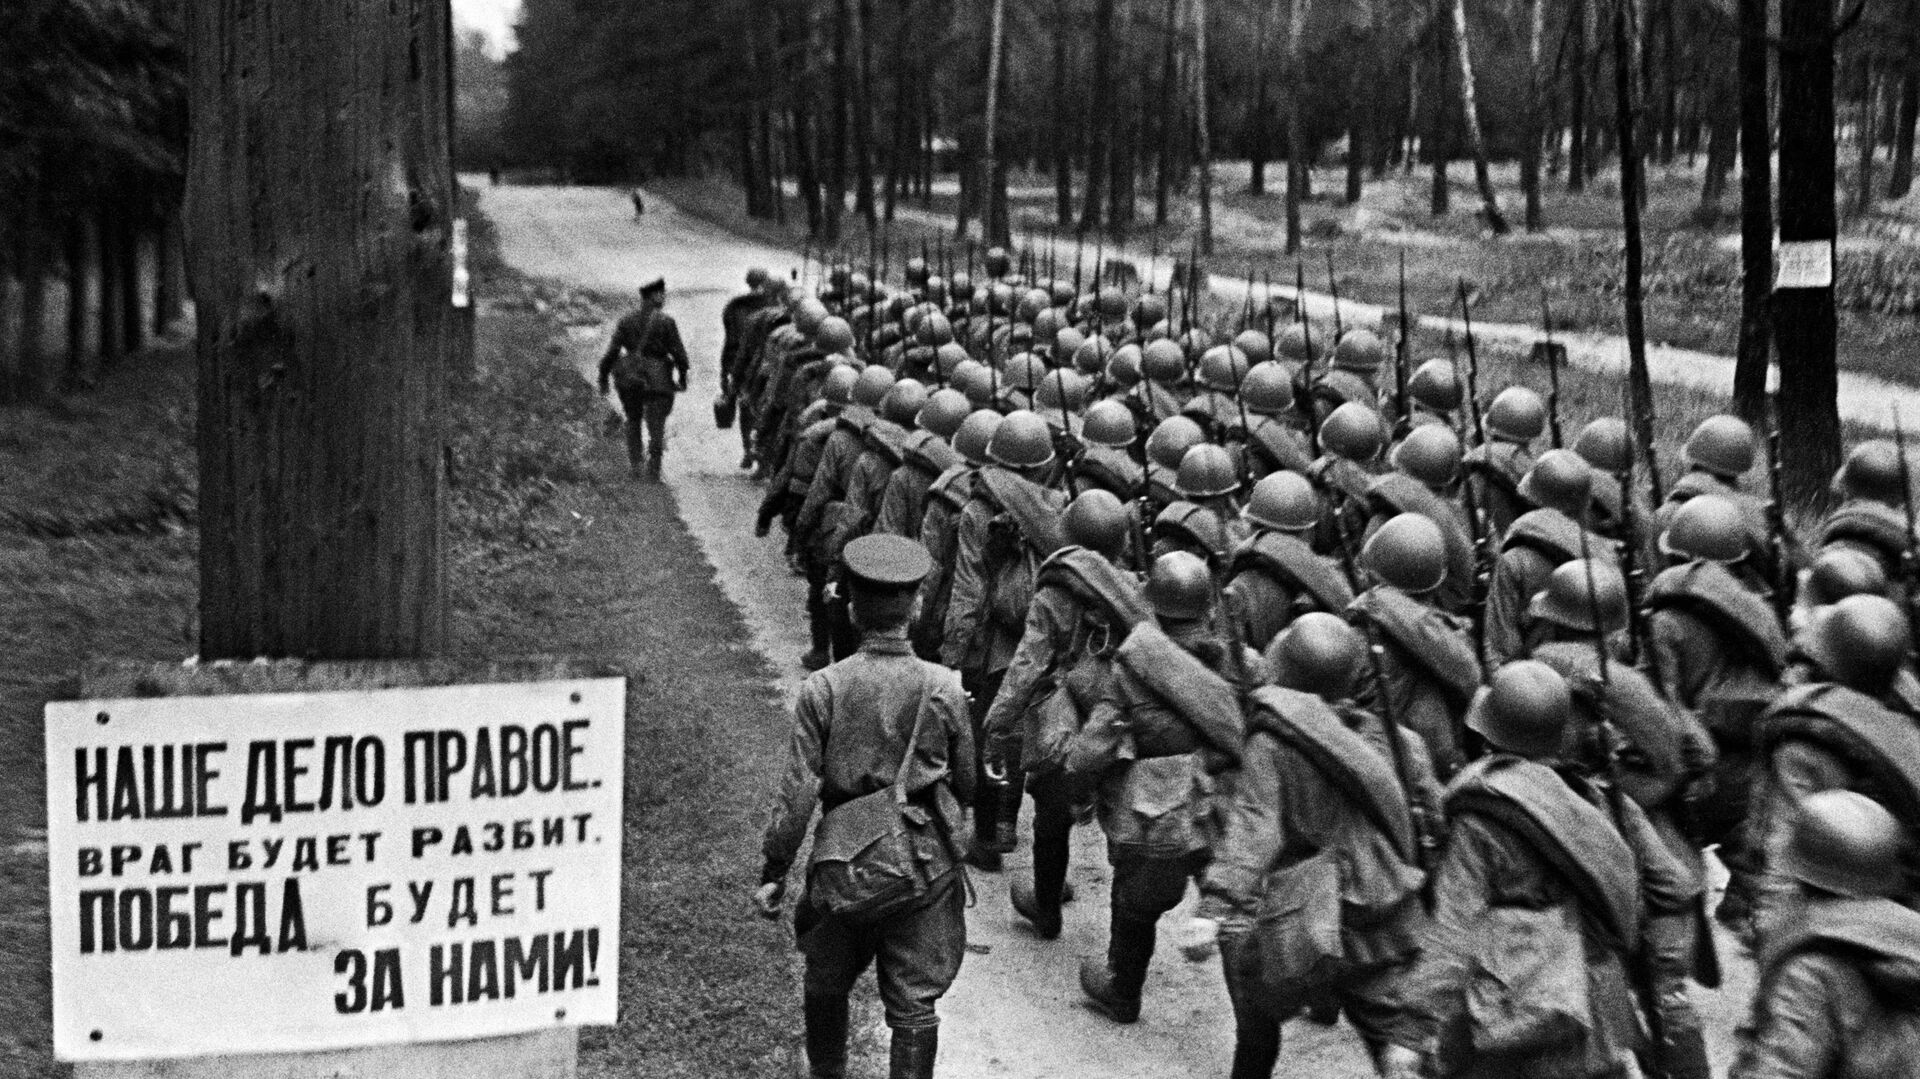 Колонны бойцов движутся на фронт. Москва. 23 июня 1941  - РИА Новости, 1920, 22.06.2021